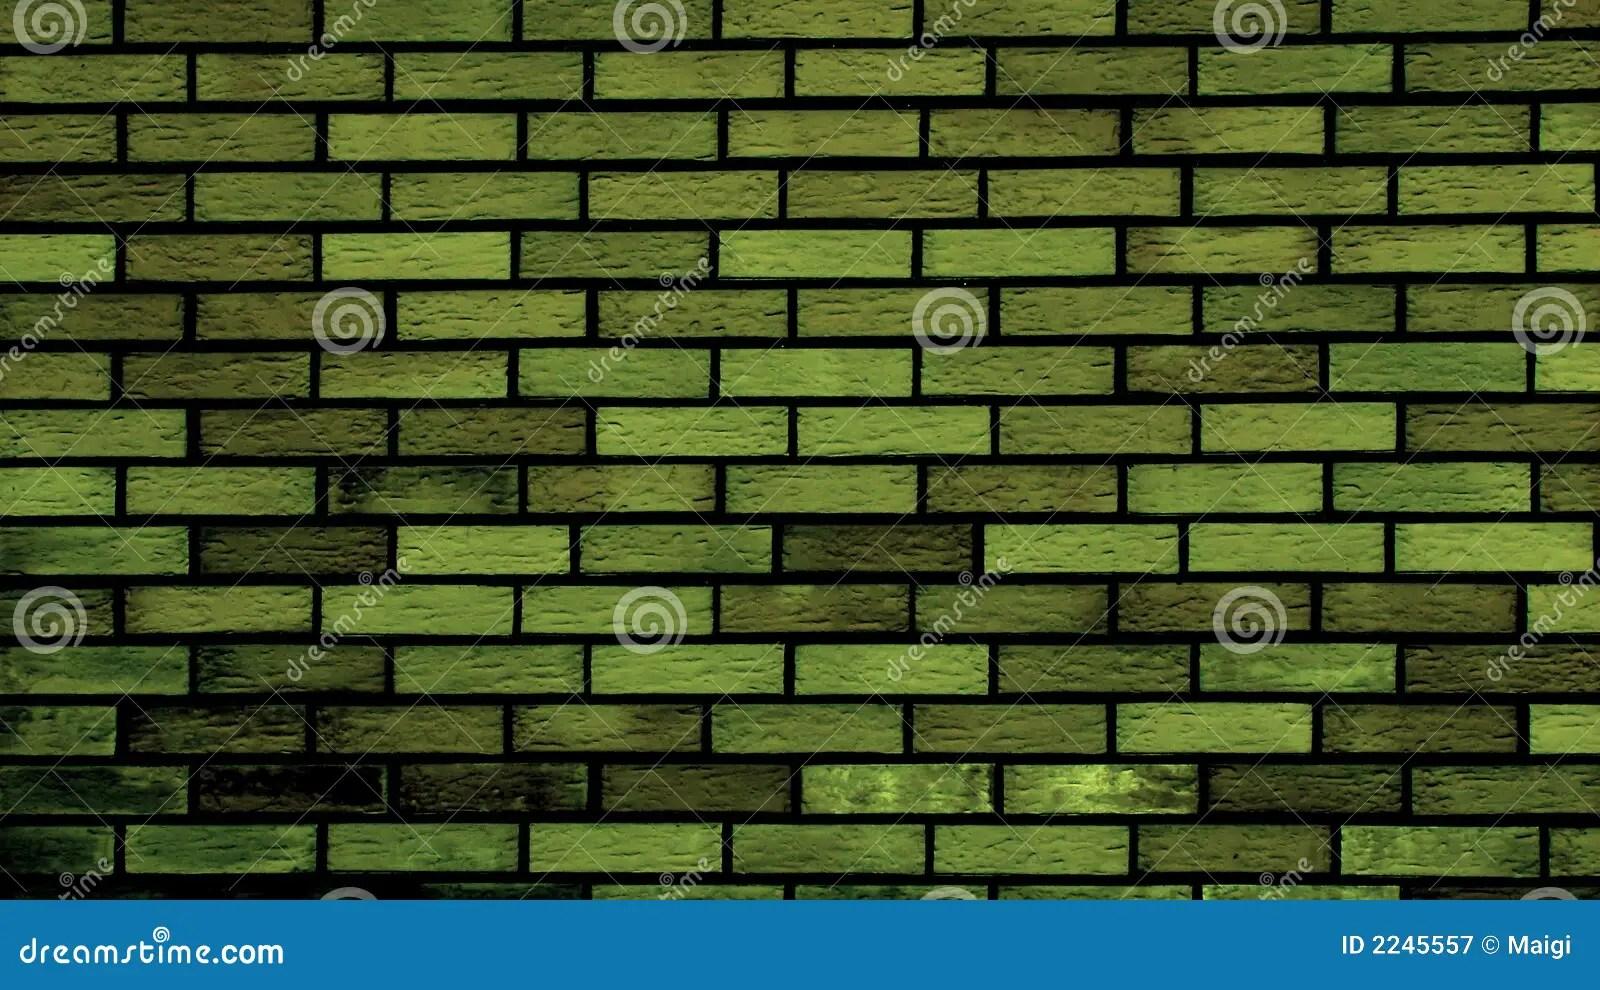 Vector Wallpaper Fall Colors Green Brick Wall Royalty Free Stock Photography Image